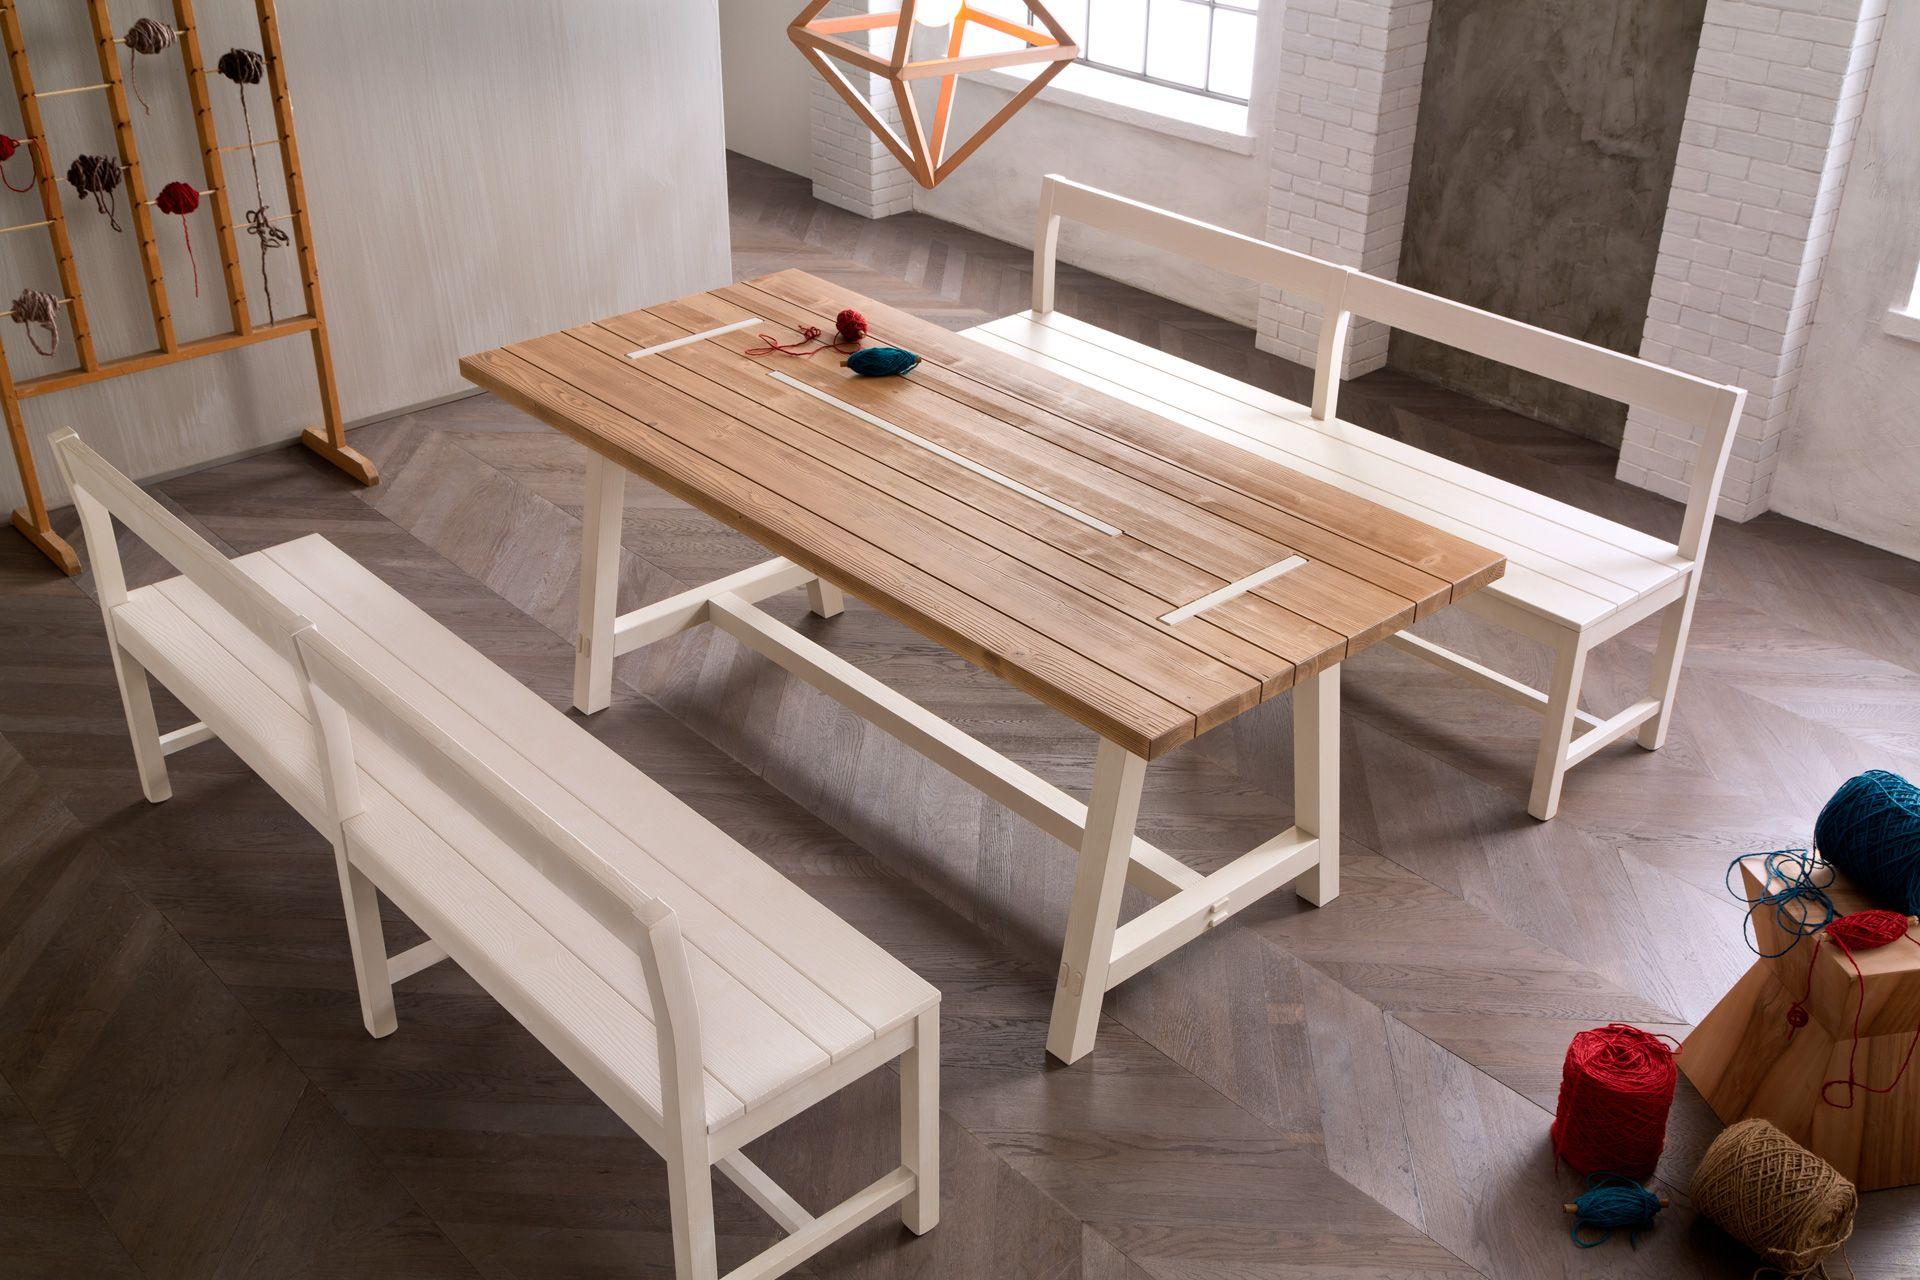 Tavolo da pranzo rettangolare in legno new fratino by callesella arredamenti s r l - Tavolo pranzo ikea ...